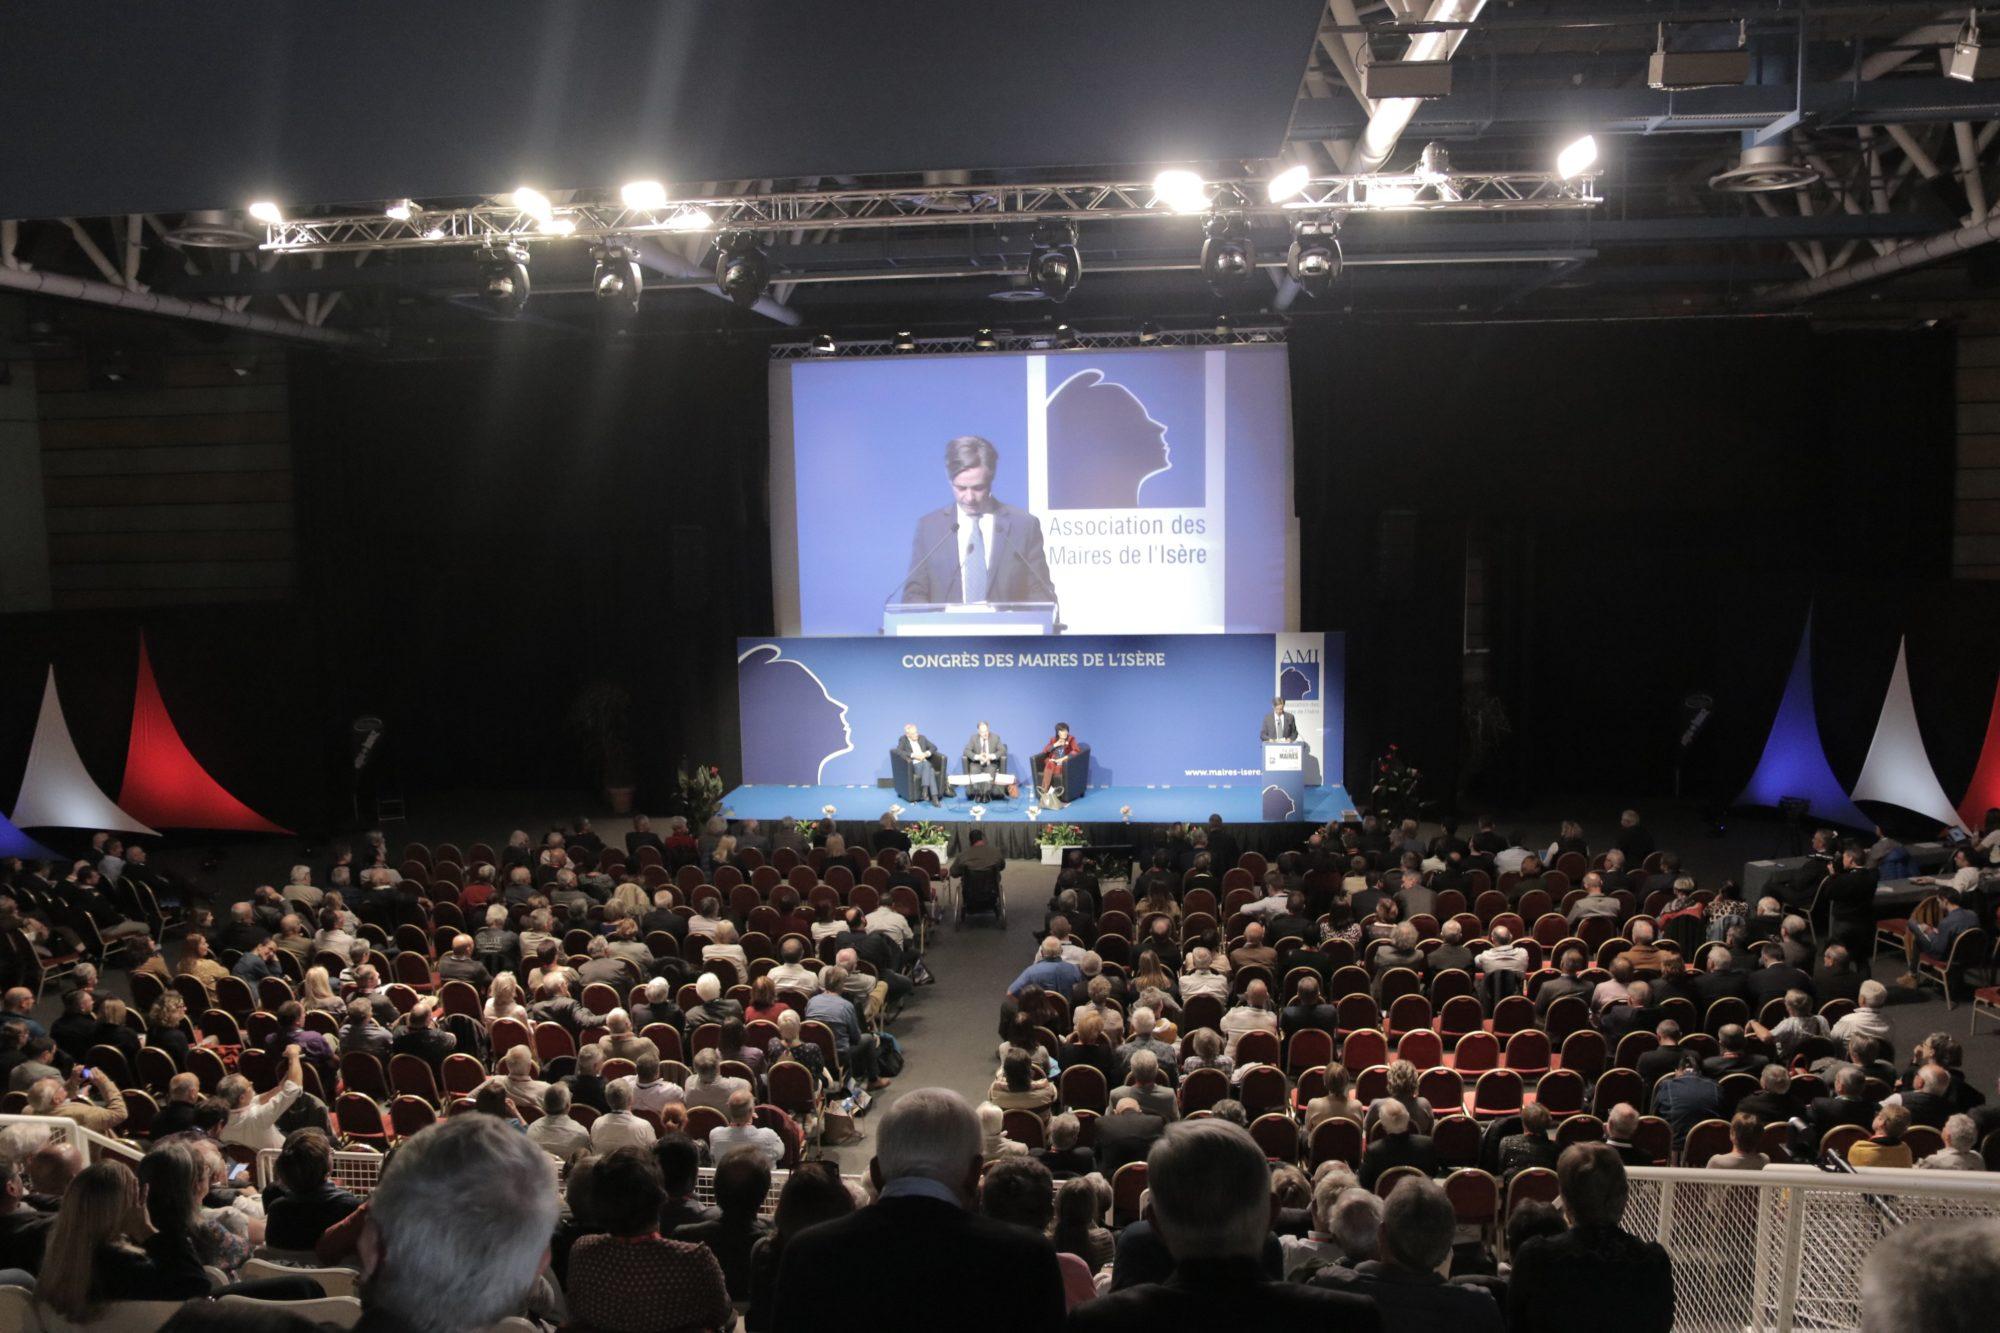 Un congrès des maires à la veille des élections municipales